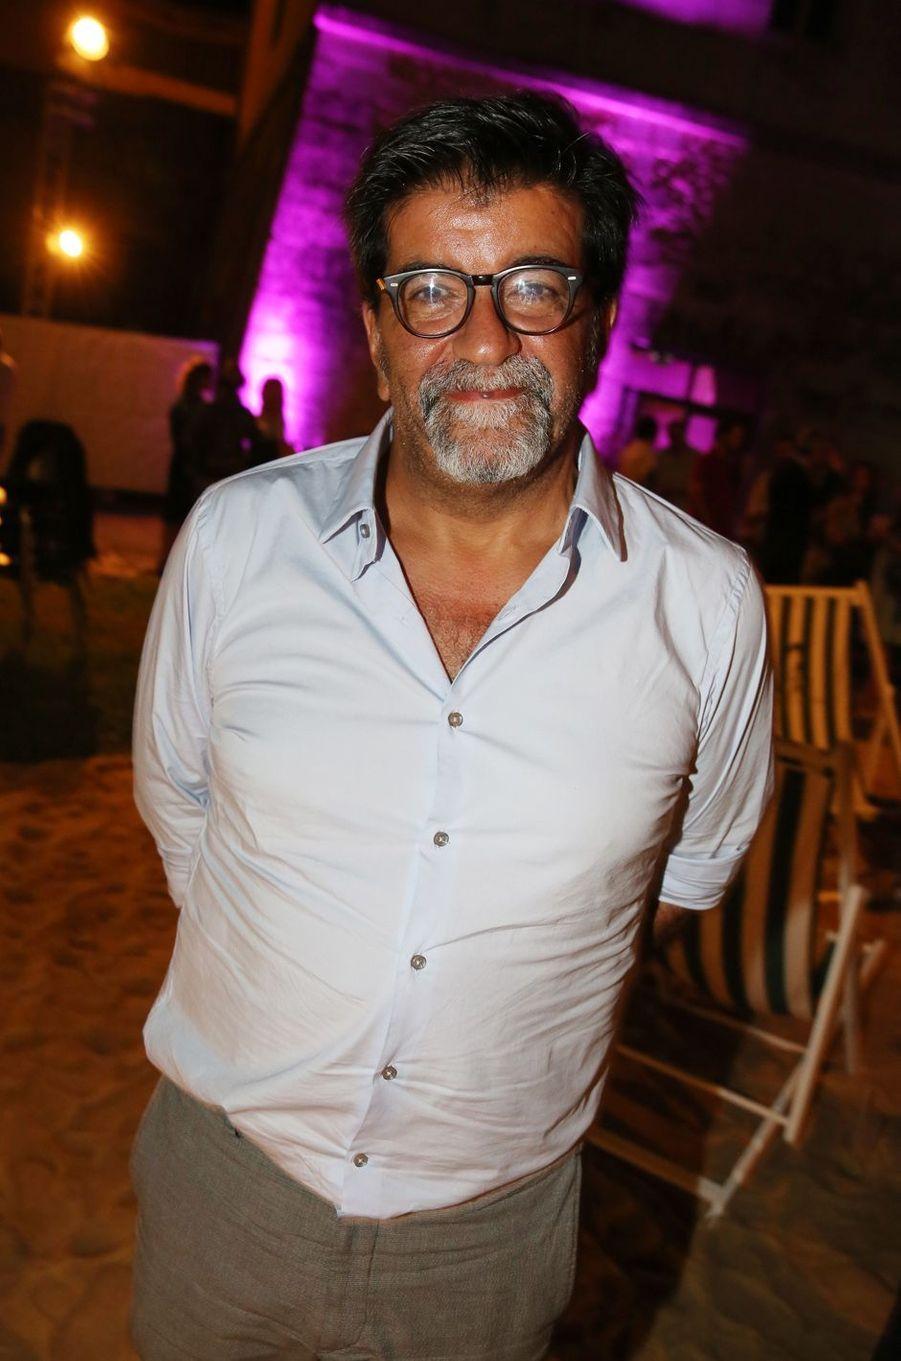 Alain Attalau festival du film francophone d'Angoulême, le 24 août 2017.